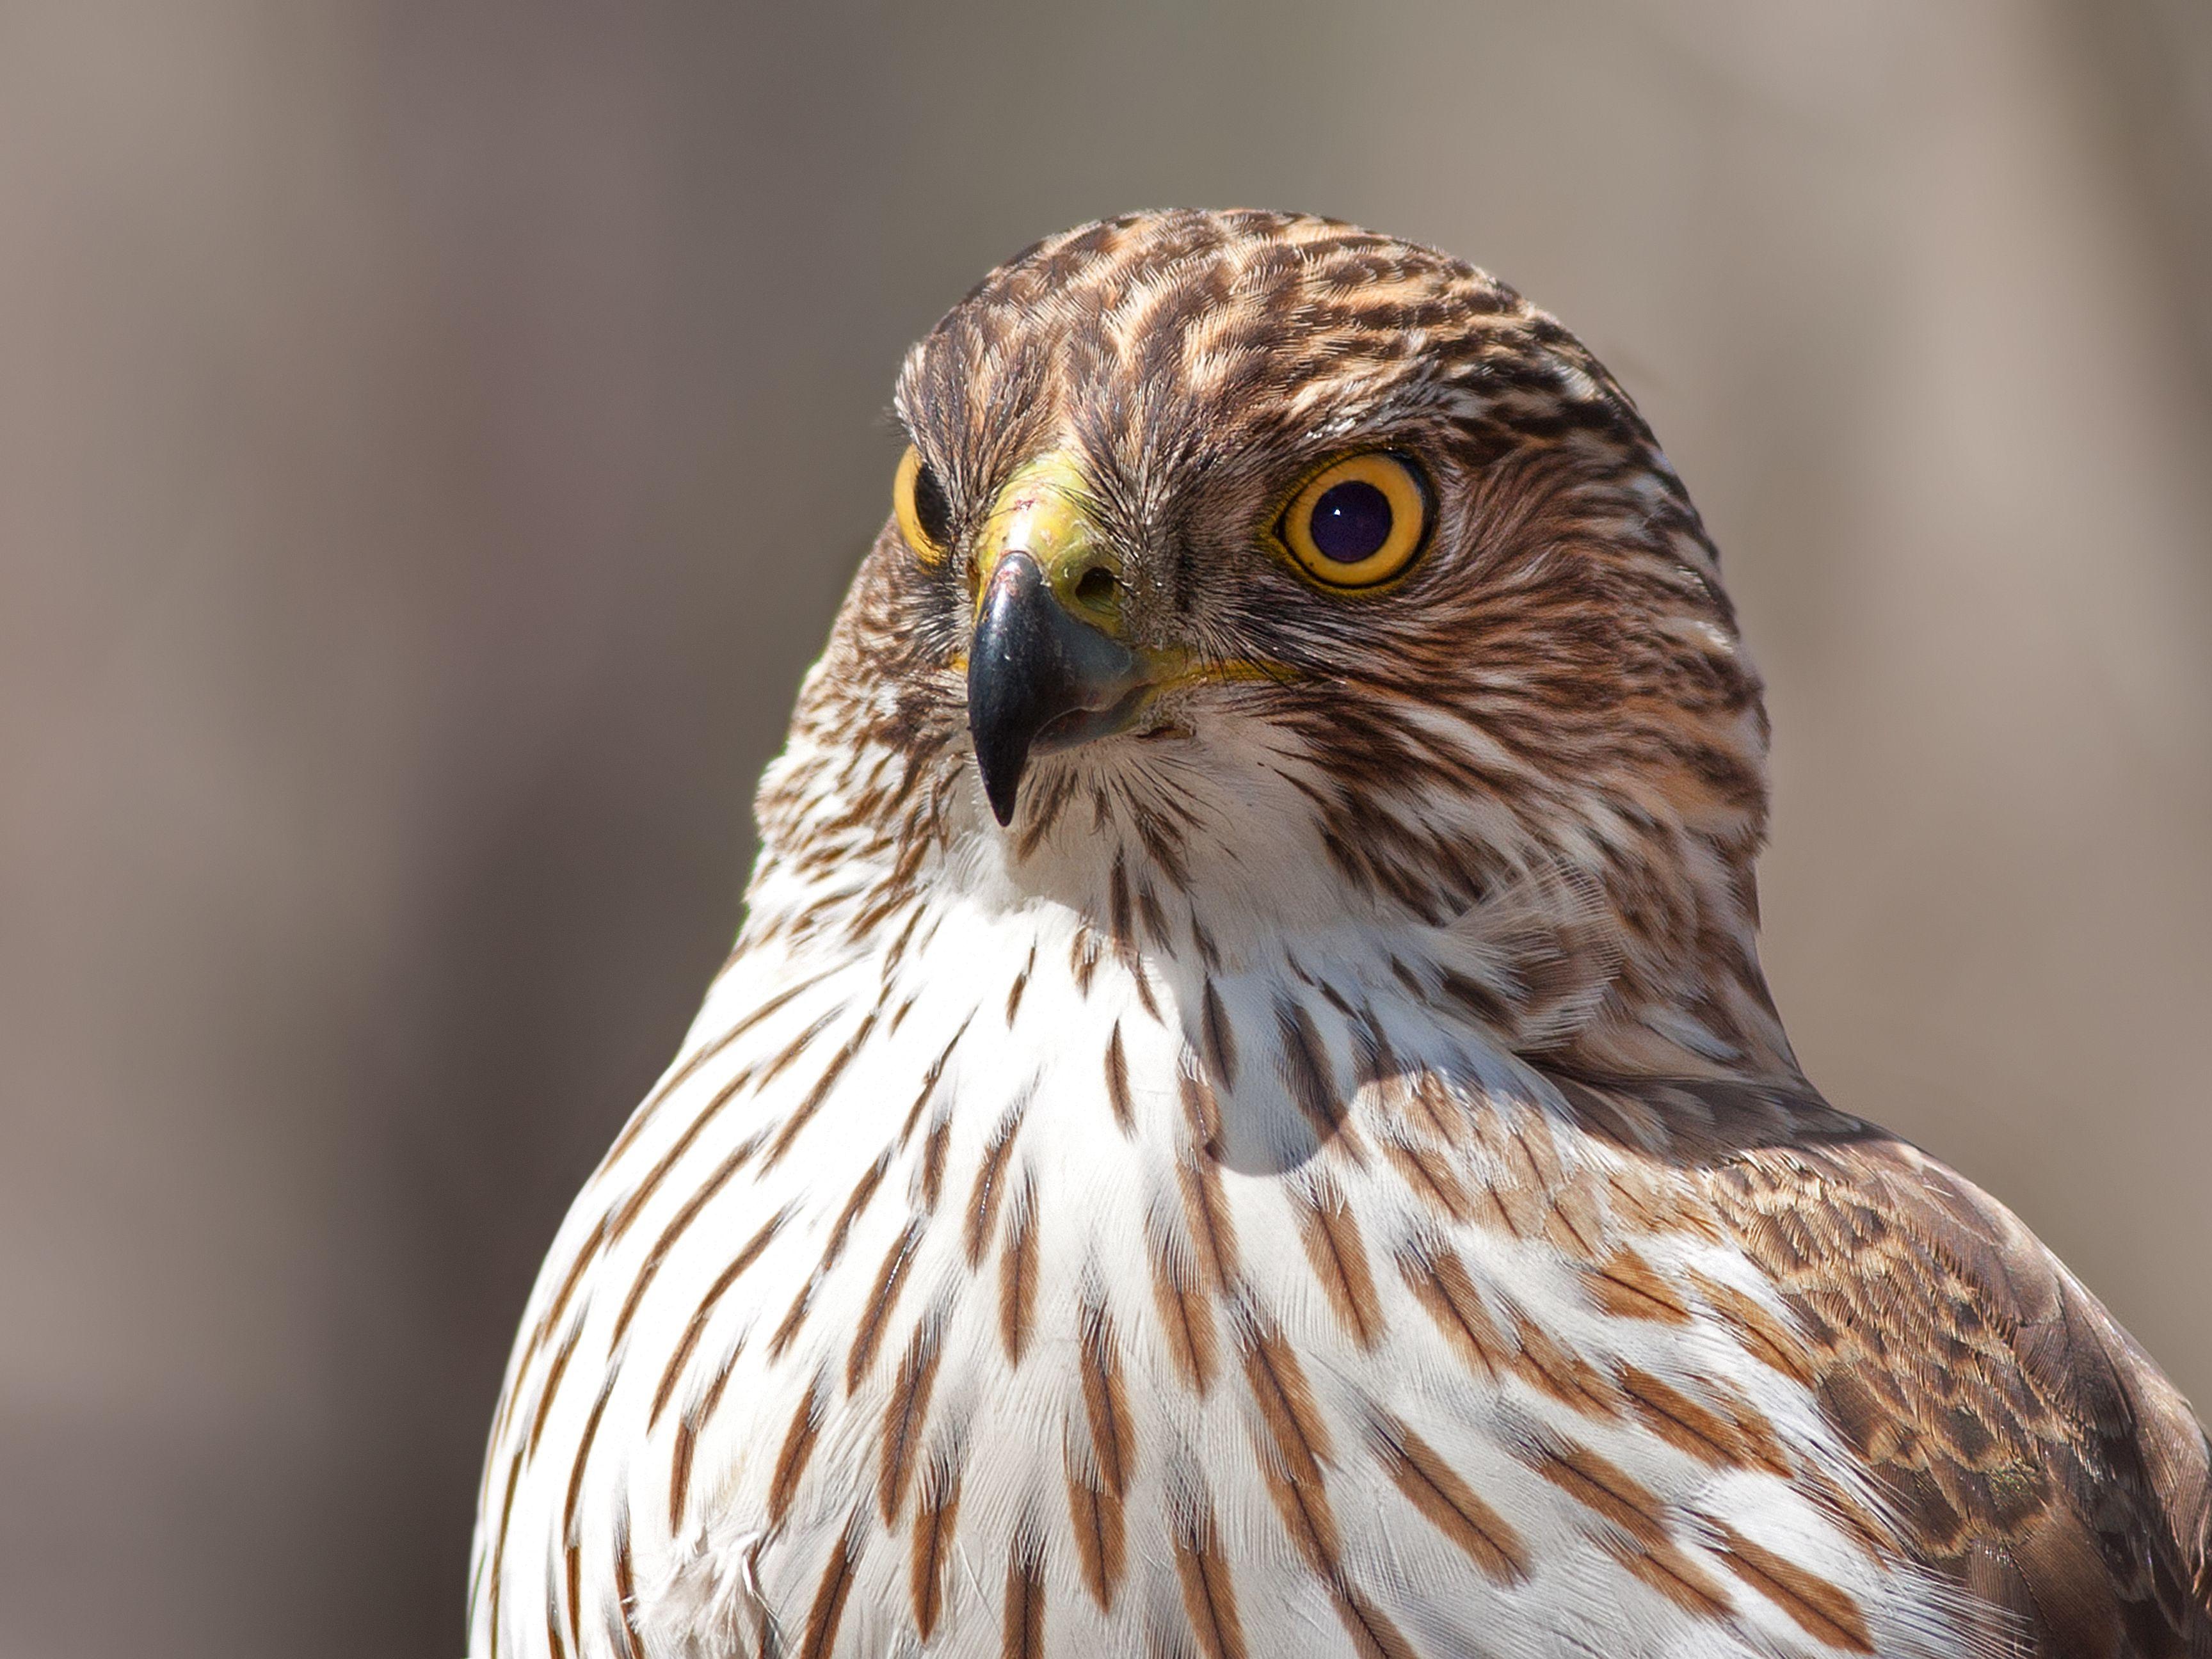 cooper-s-hawk-profile-583855629-d89e191a